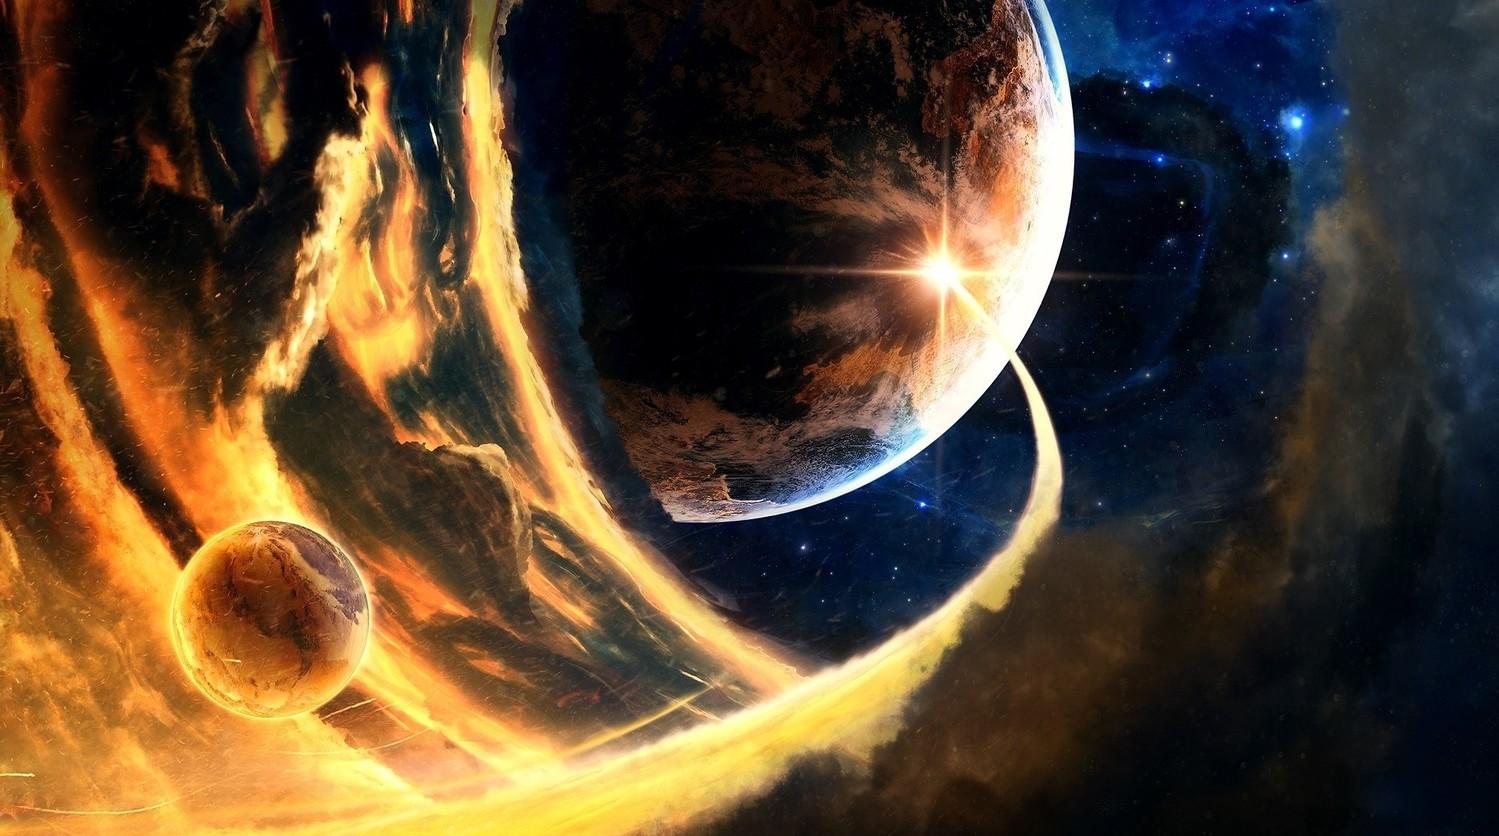 Ученые обнаружили космический объект, который движется с невероятной скоростью